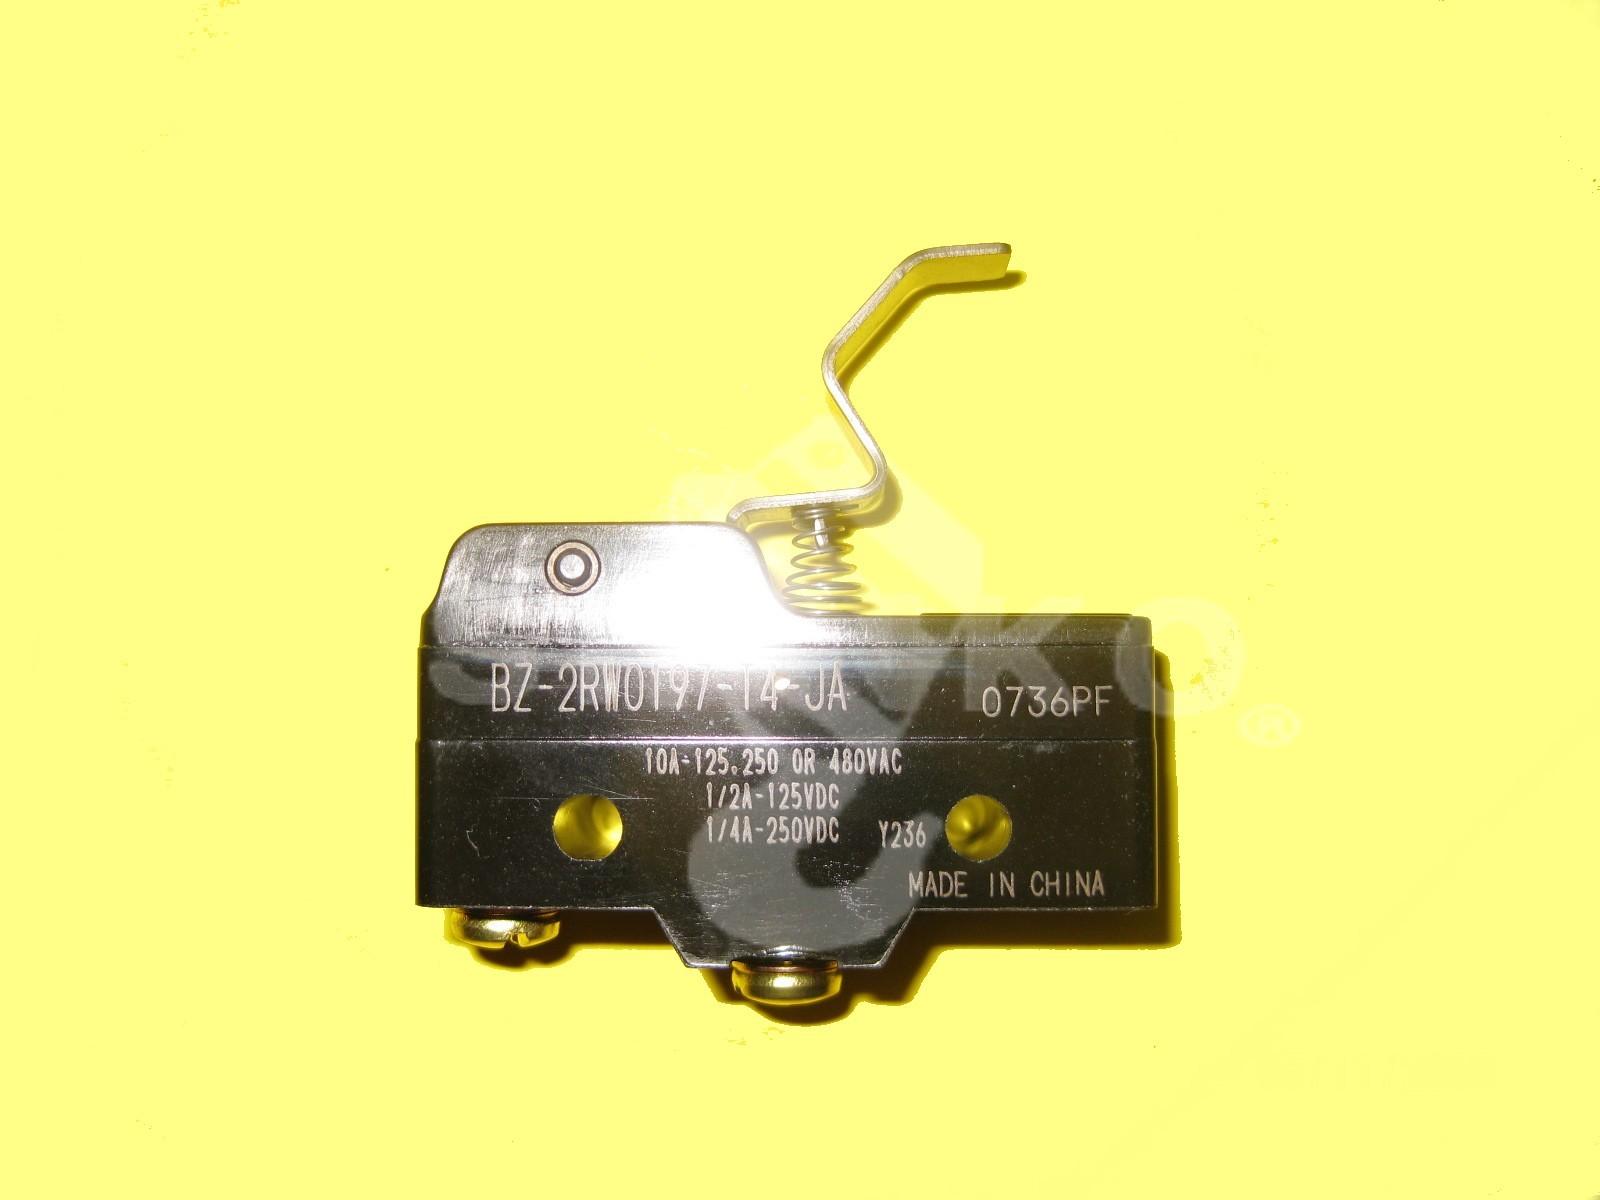 Mitsubishi Crane Spare Parts : Mitsubishi switch